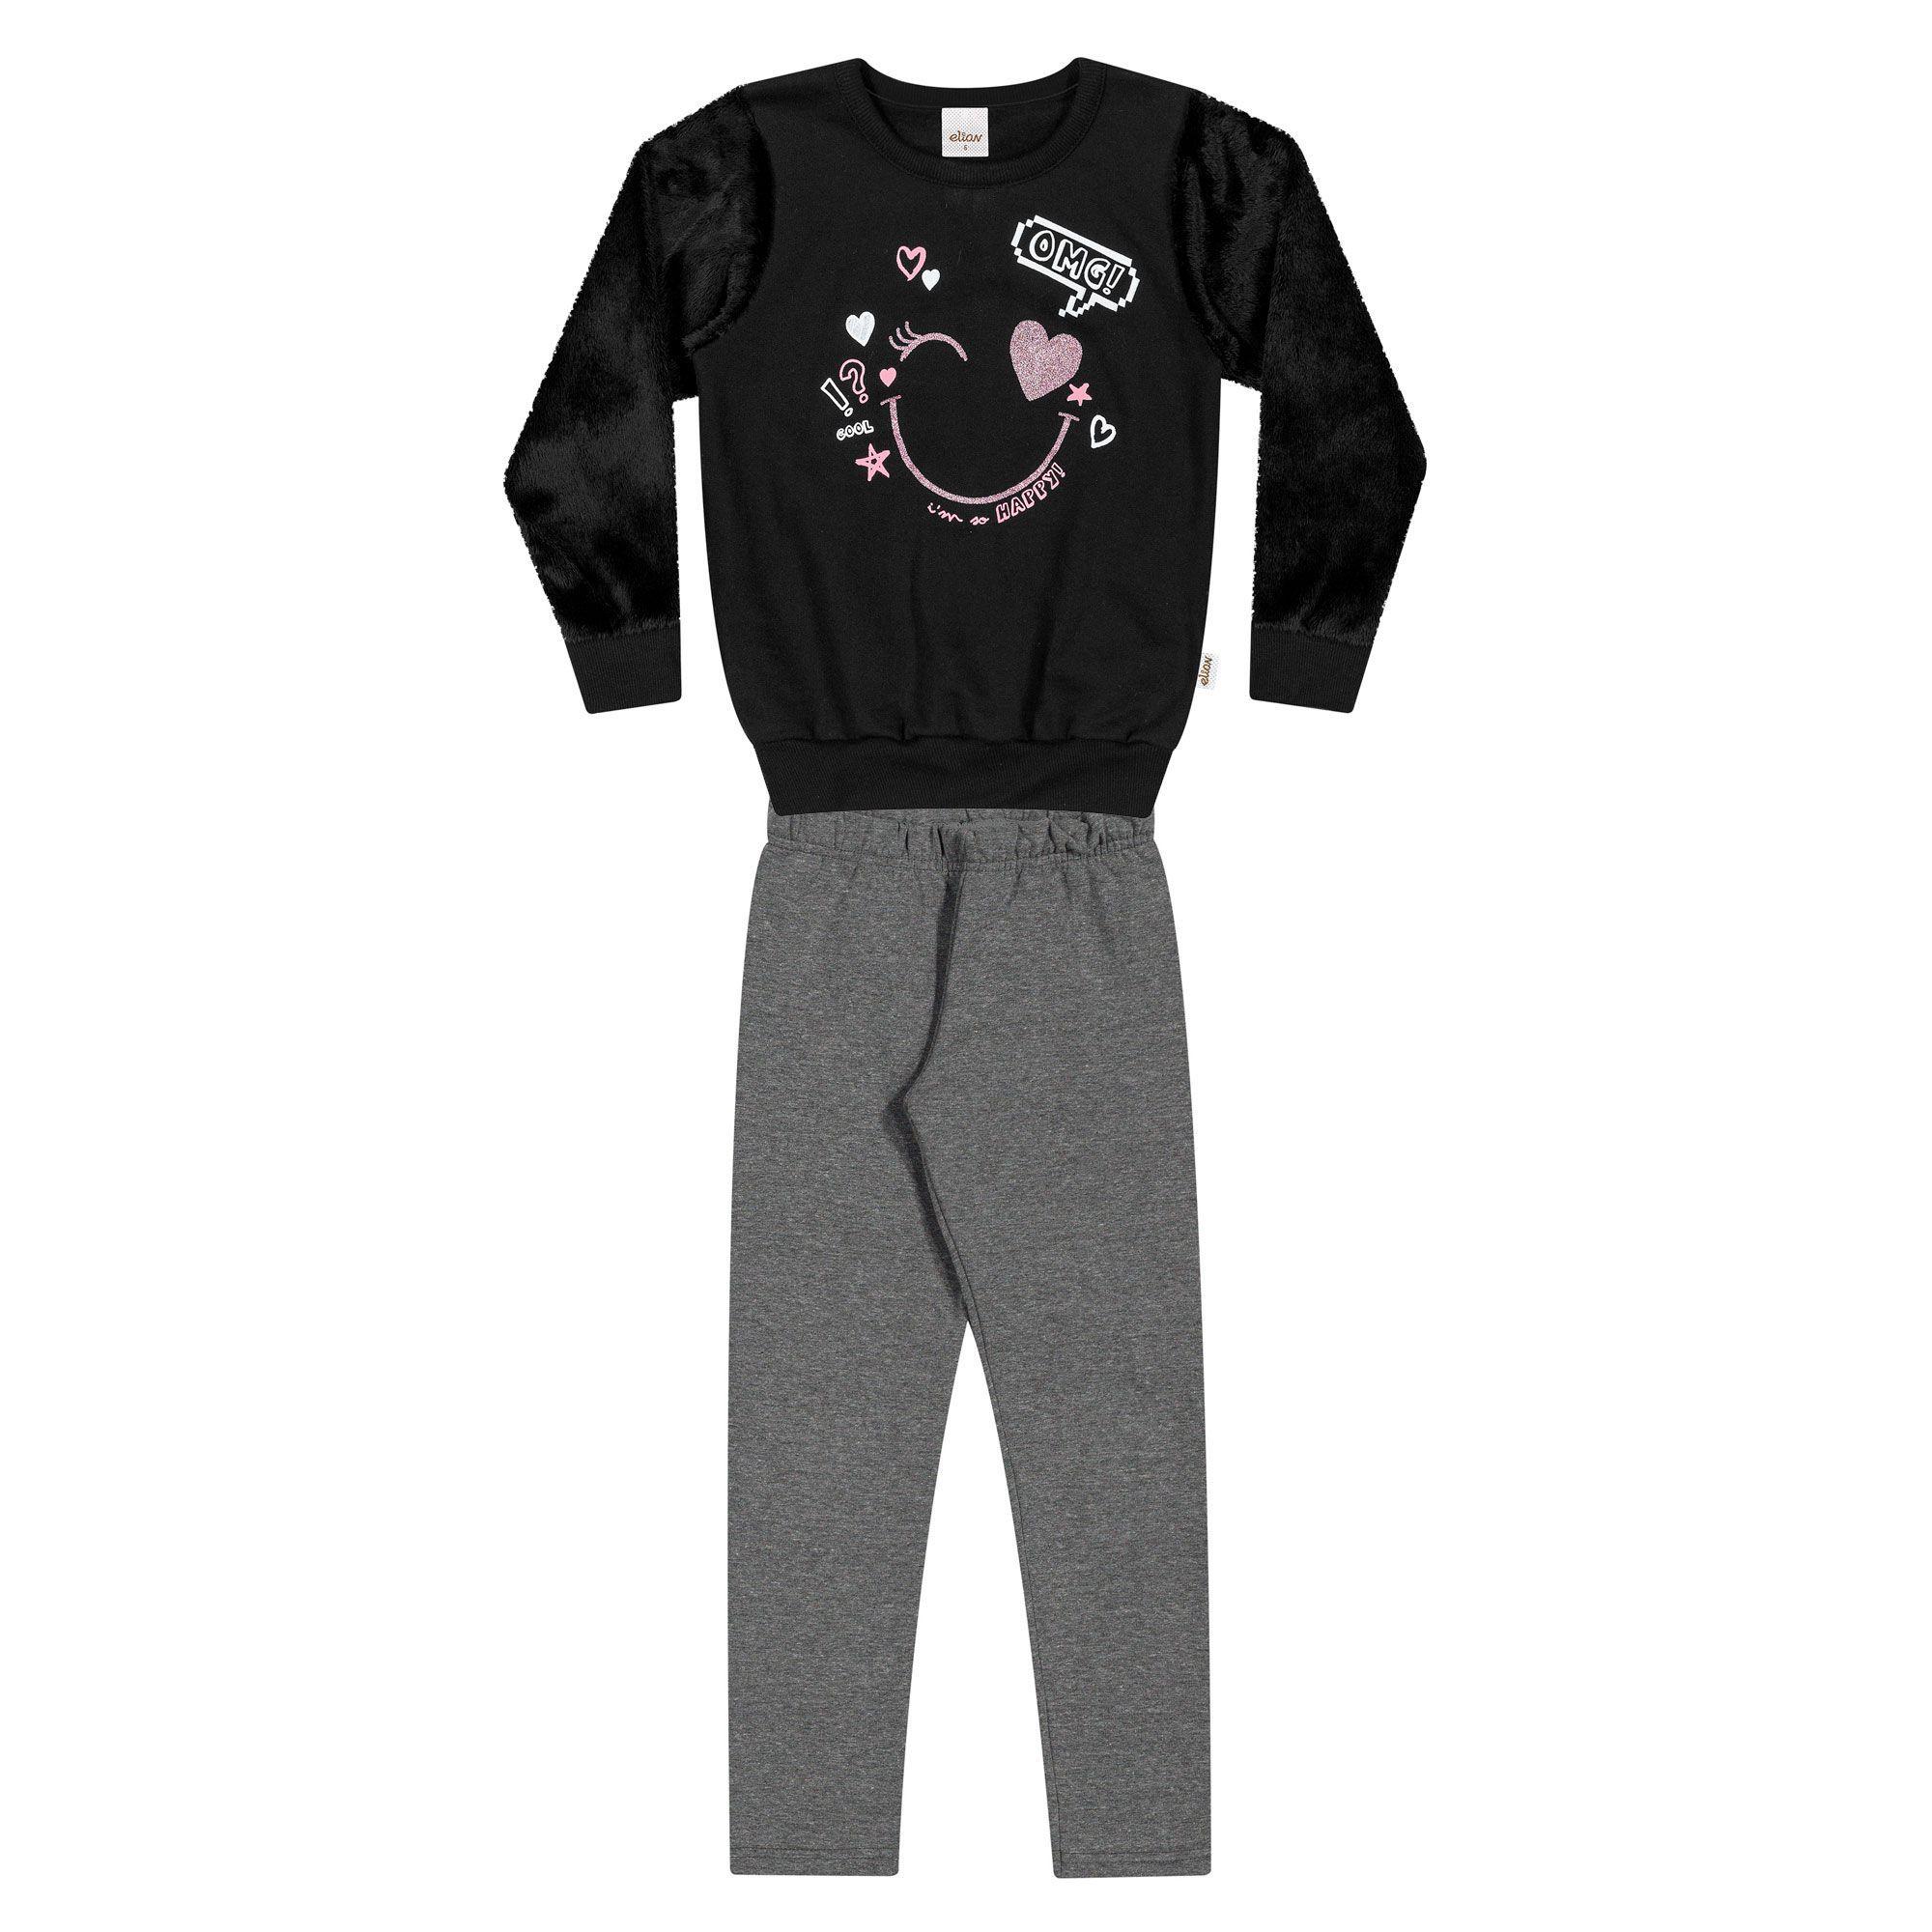 Conjunto Infantil Elian com Blusão e Legging - Ref 251187